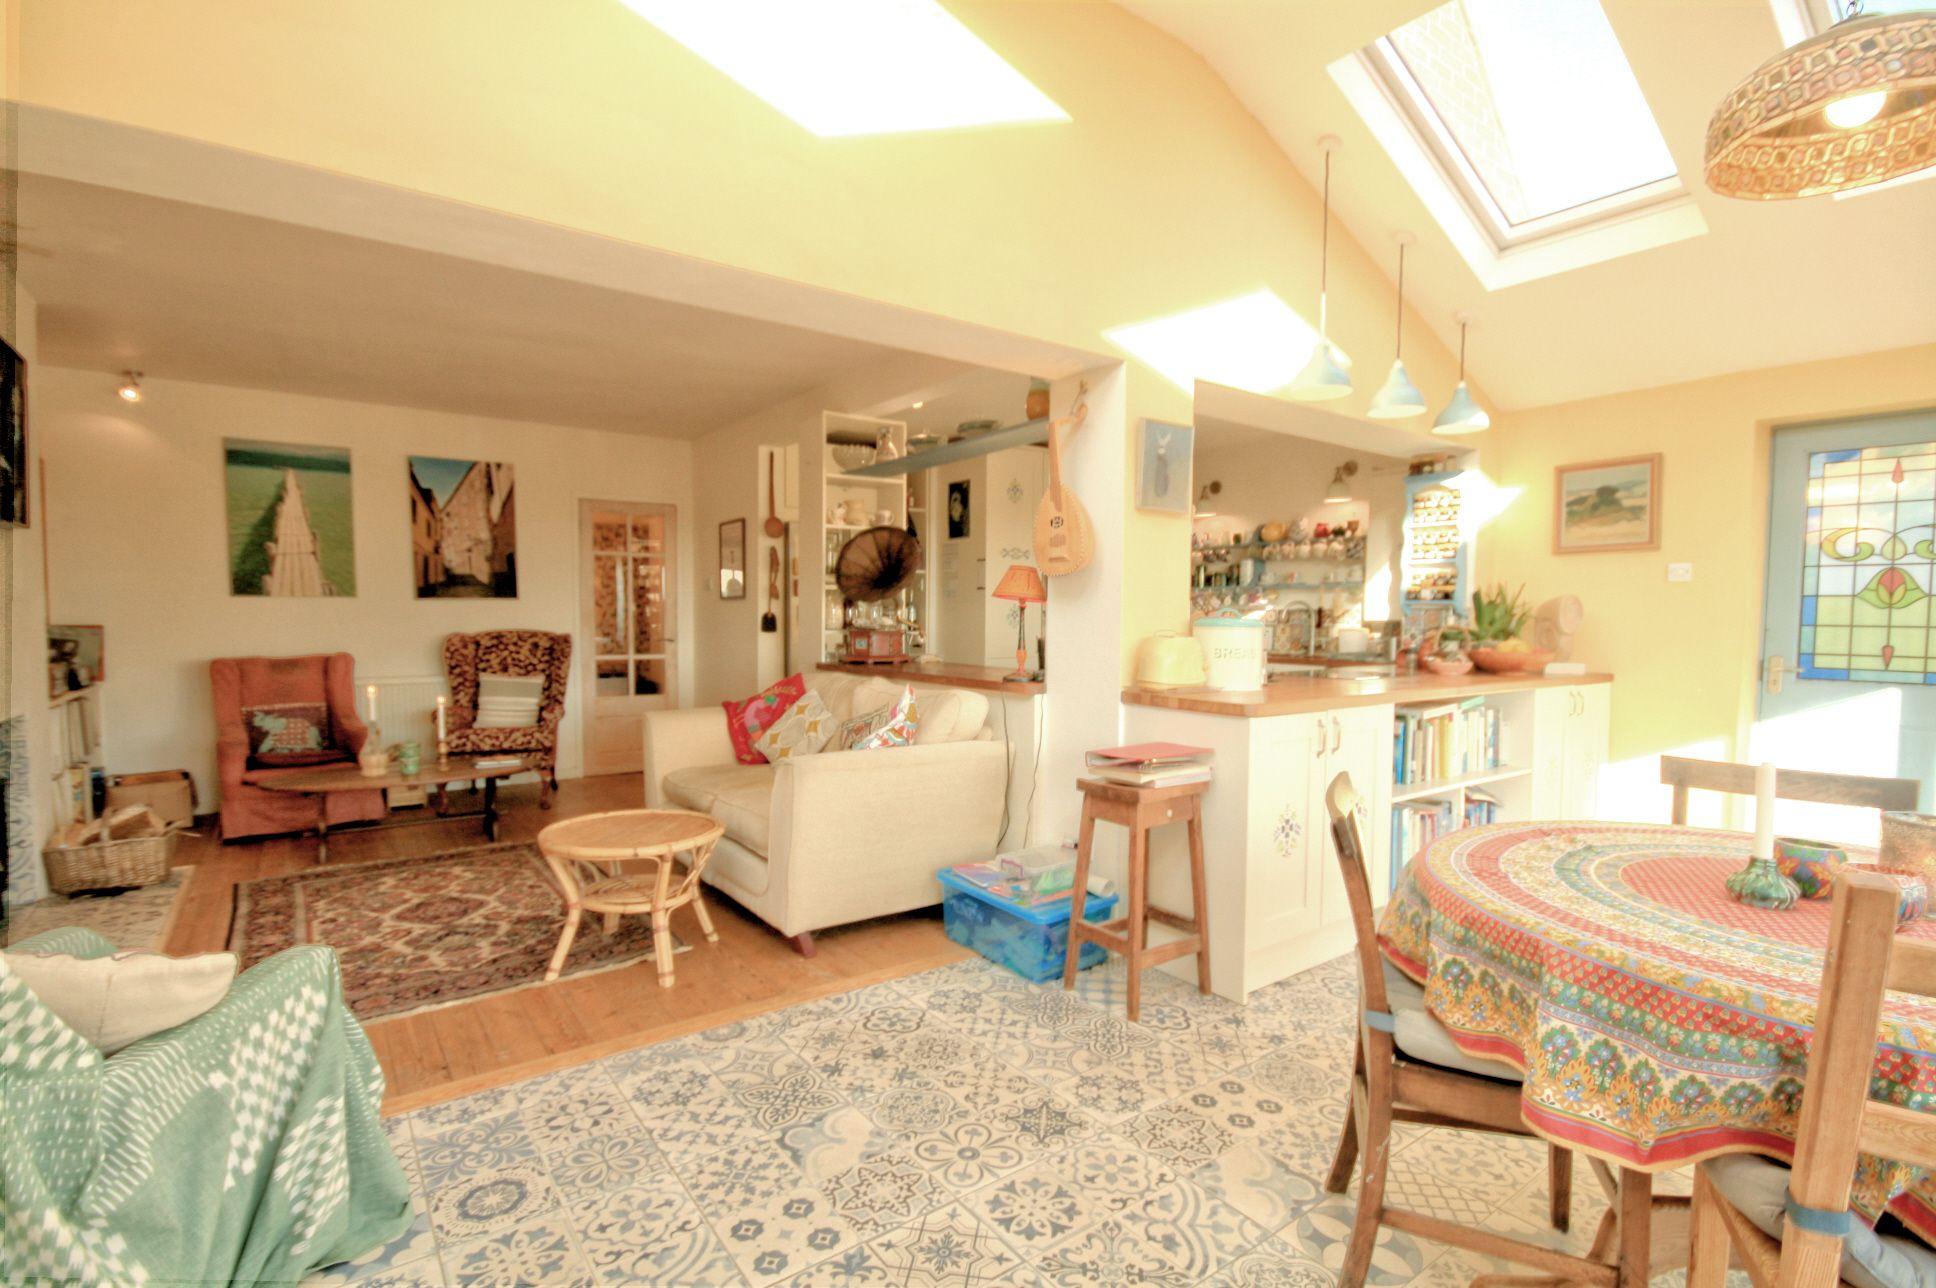 4 Bedroom Detached Bungalow For Sale - Photograph 4